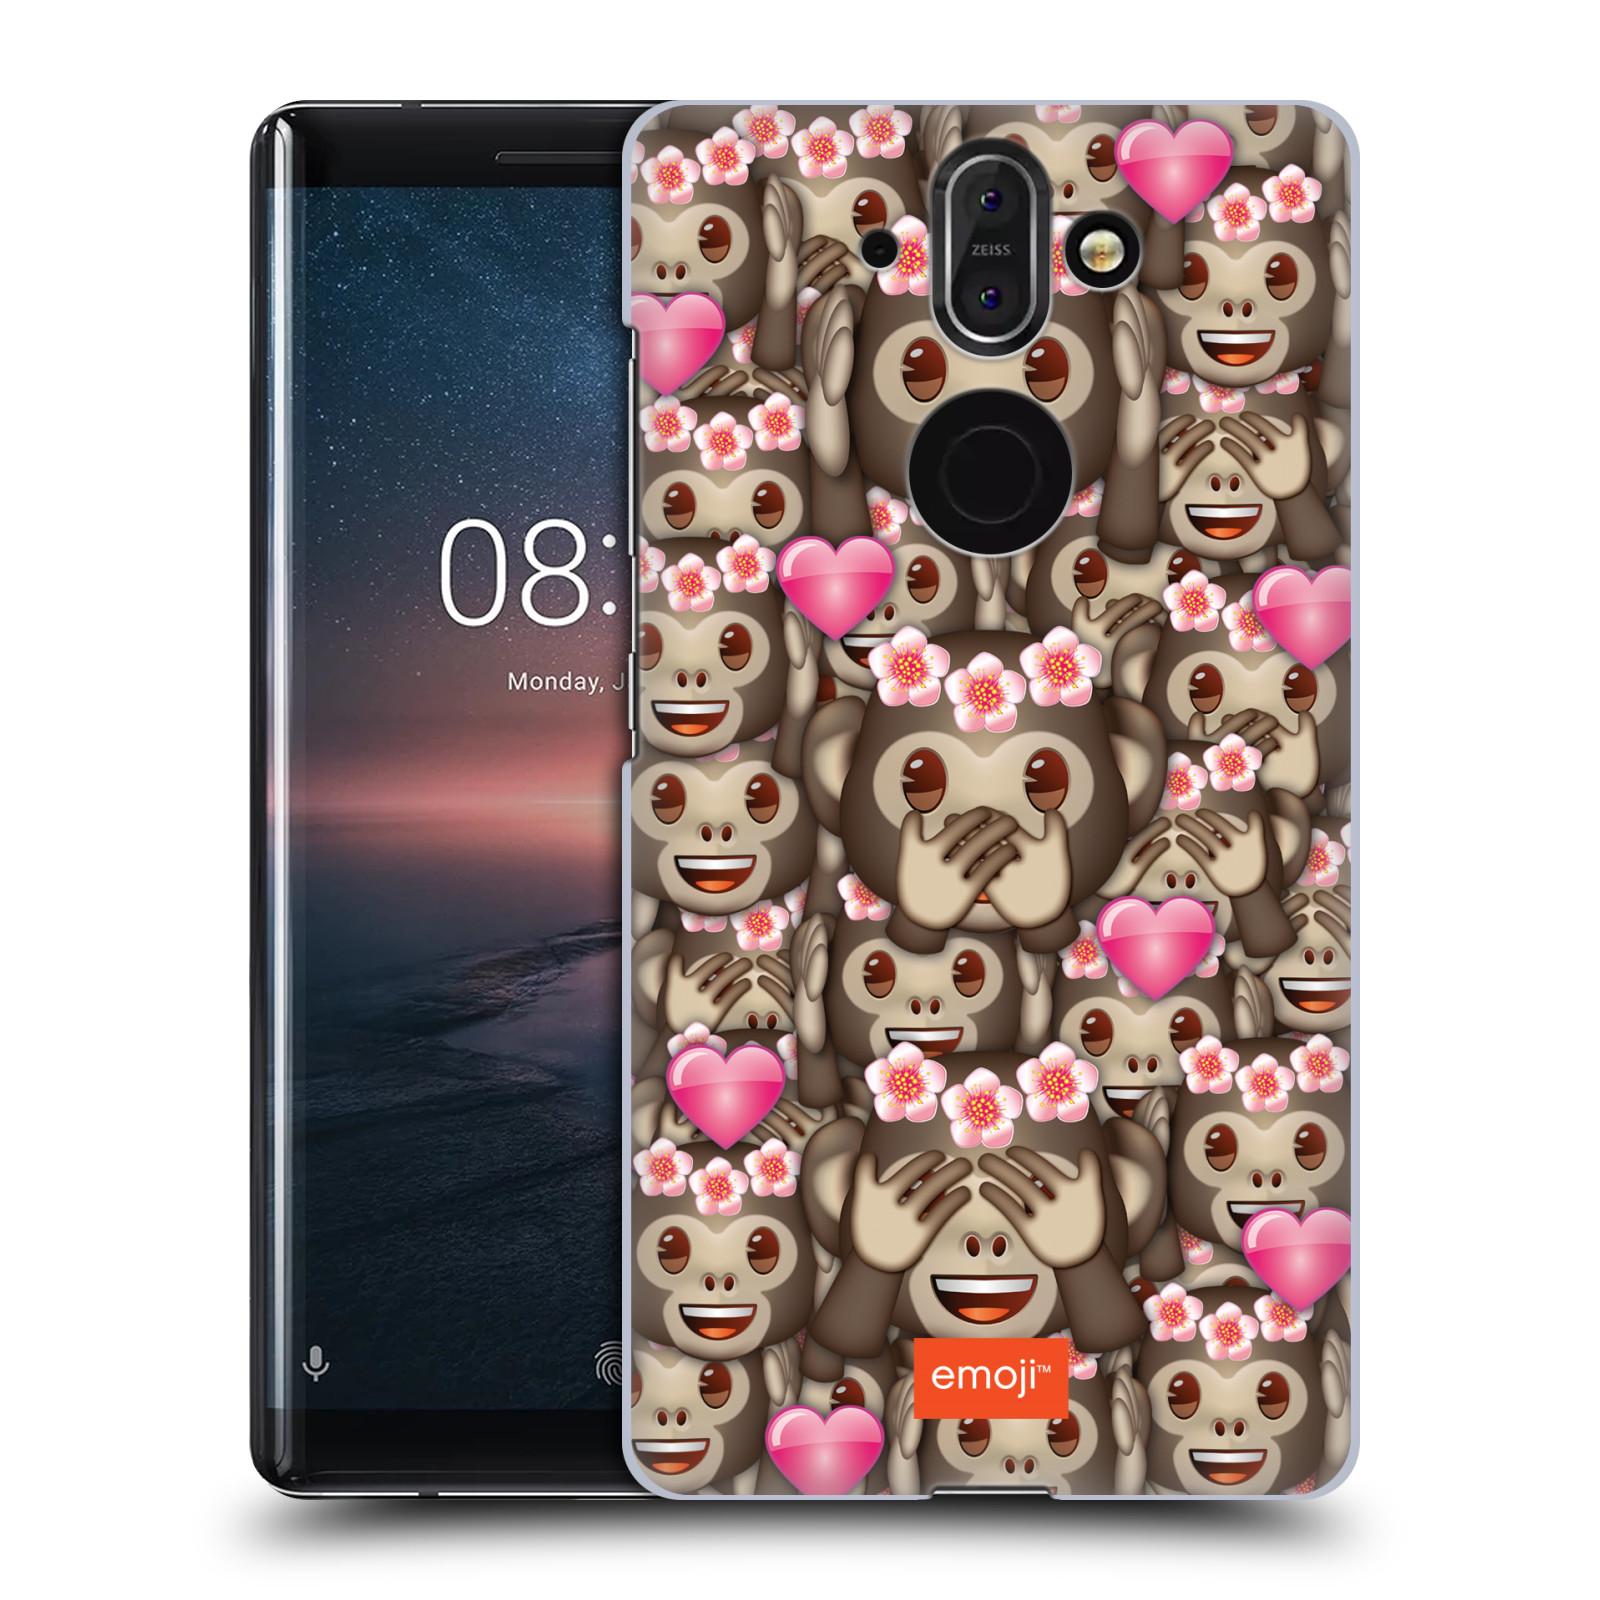 Plastové pouzdro na mobil Nokia 8 Sirocco - Head Case - EMOJI - Opičky, srdíčka a kytičky